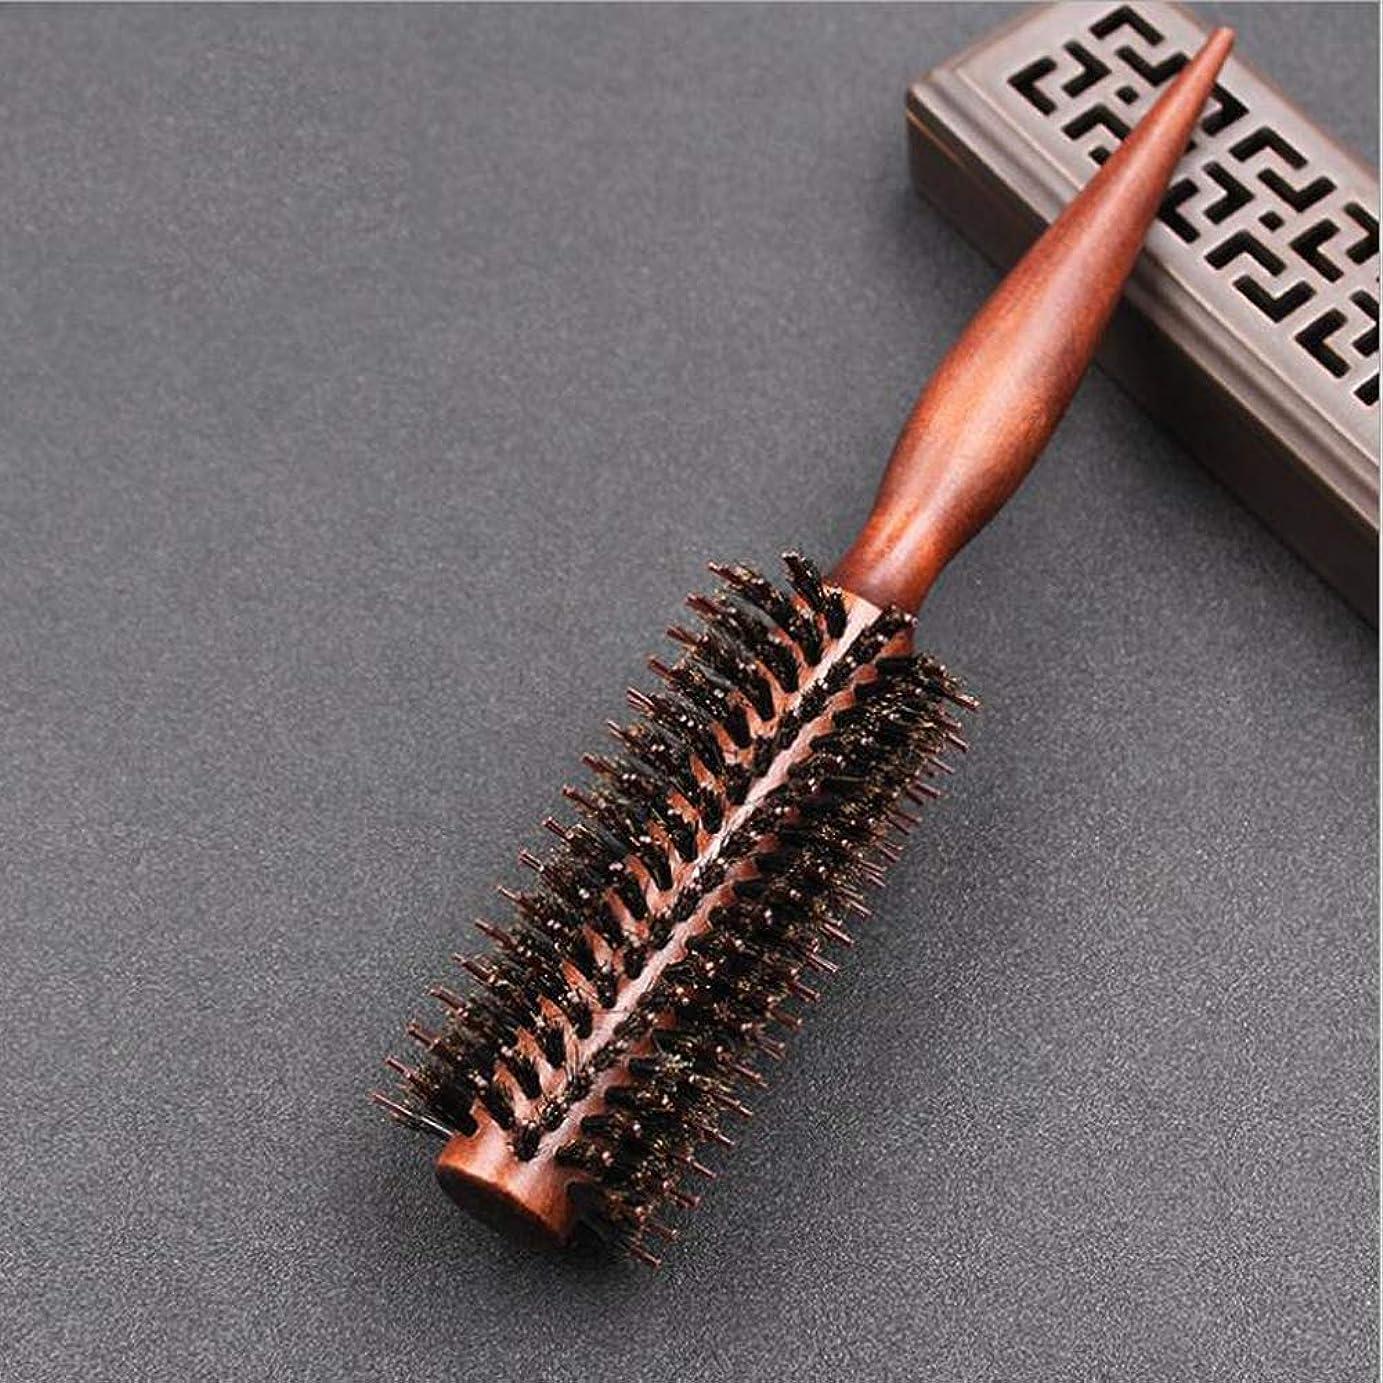 ベッドソースページ豚毛ヘアブラシロールブラシ 耐熱仕様 髪をつやつやするファッションヘアブラシ新型タイプヘアブラシ (116)